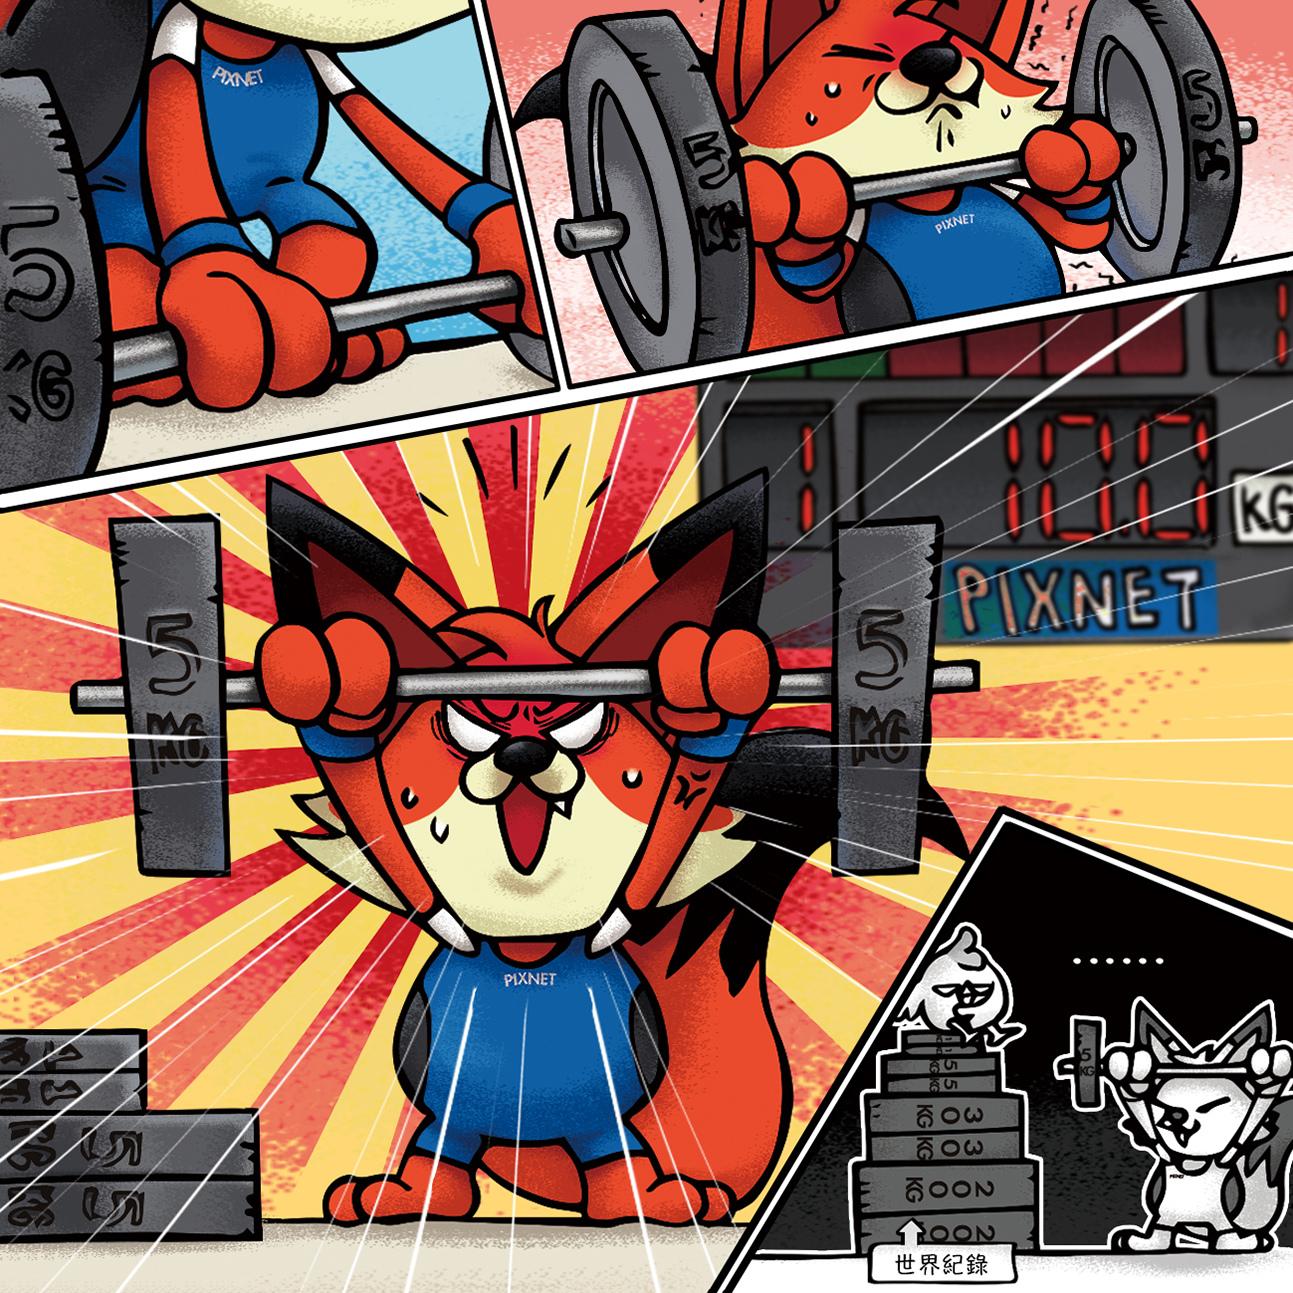 weightlifting01.jpg